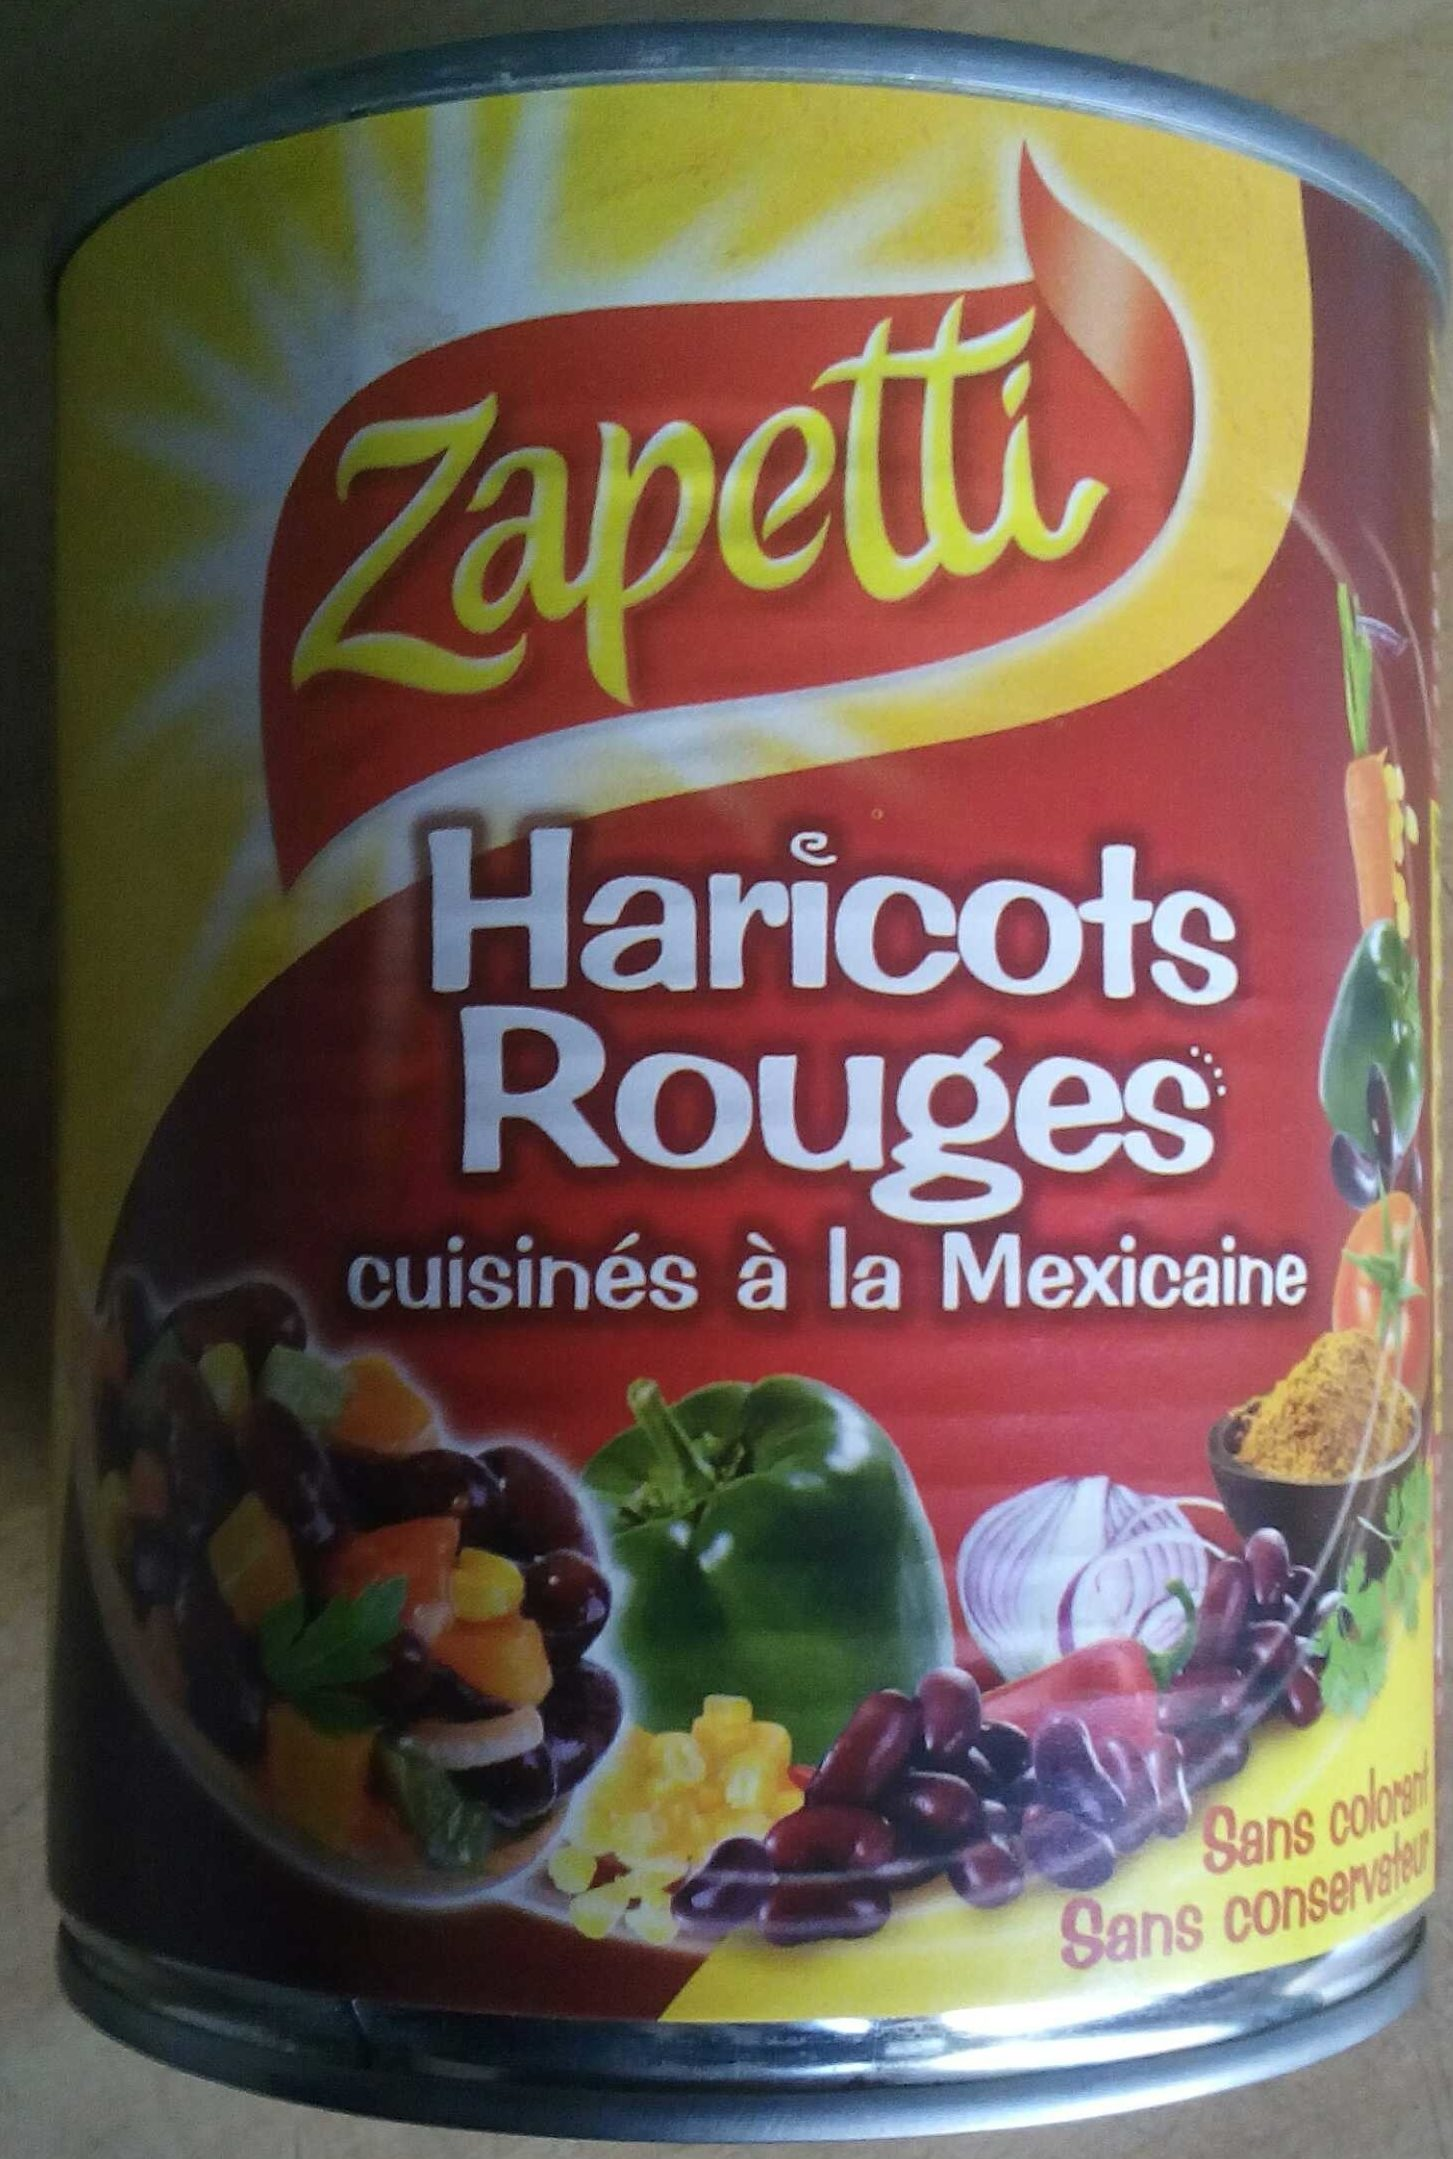 Haricots Rouges cuisinés à la Mexicaine - Product - fr